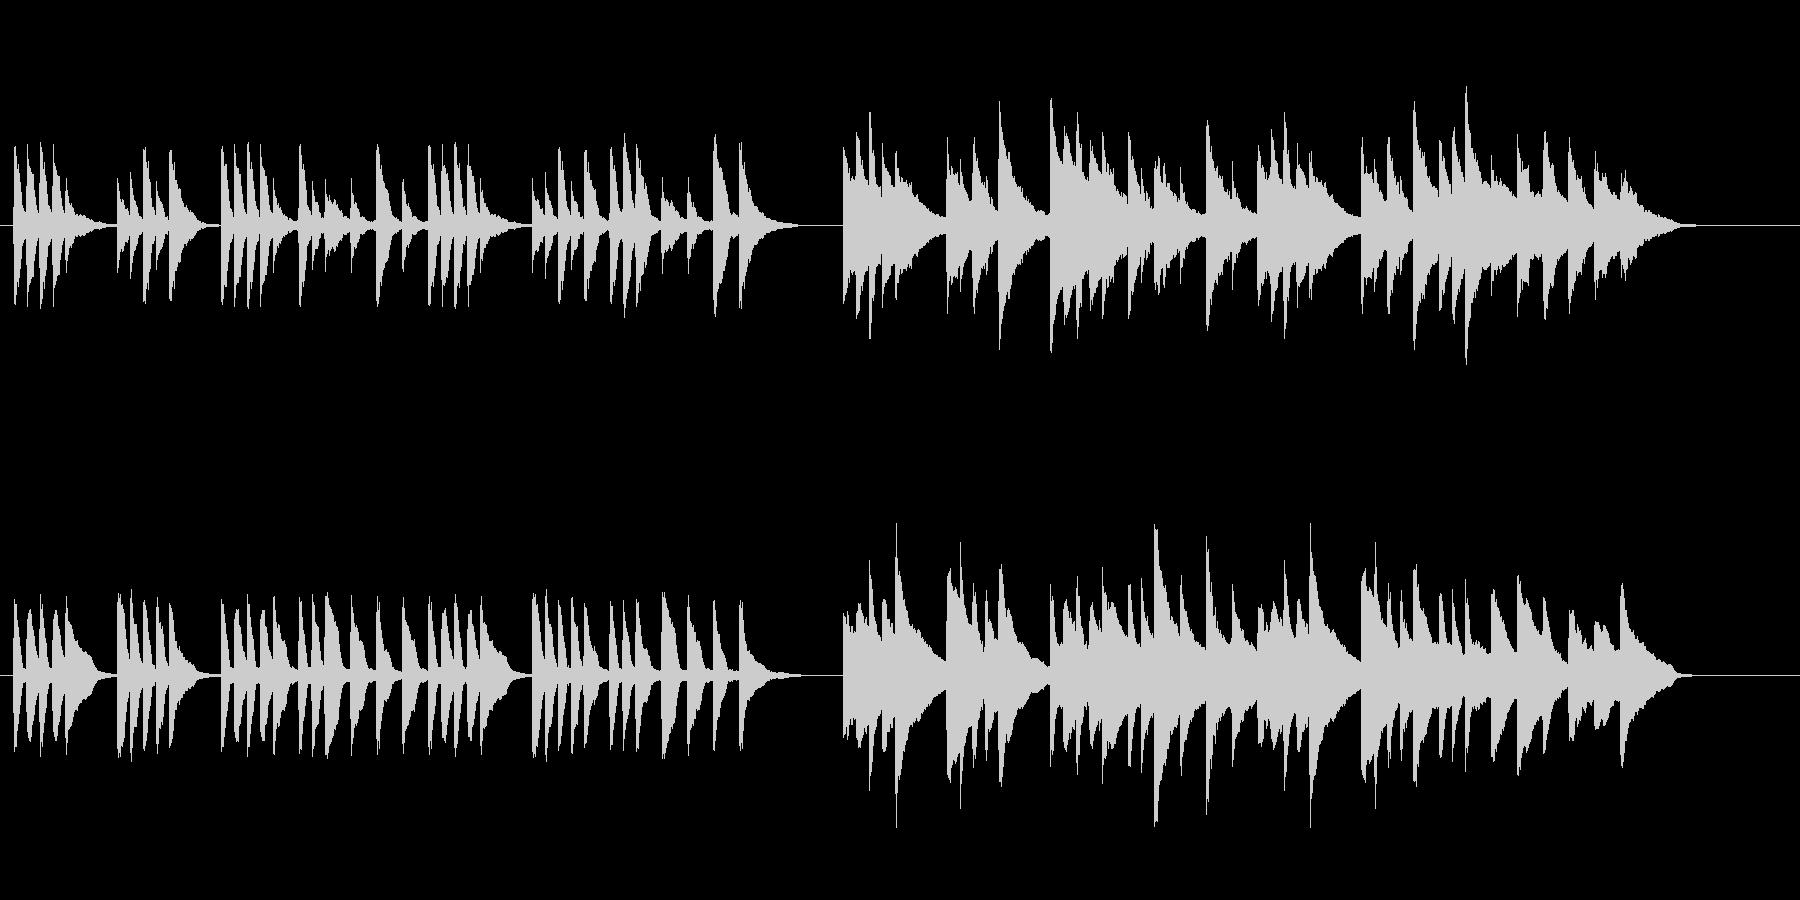 場面チェンジに使えるほのぼのしたピアノ曲の未再生の波形